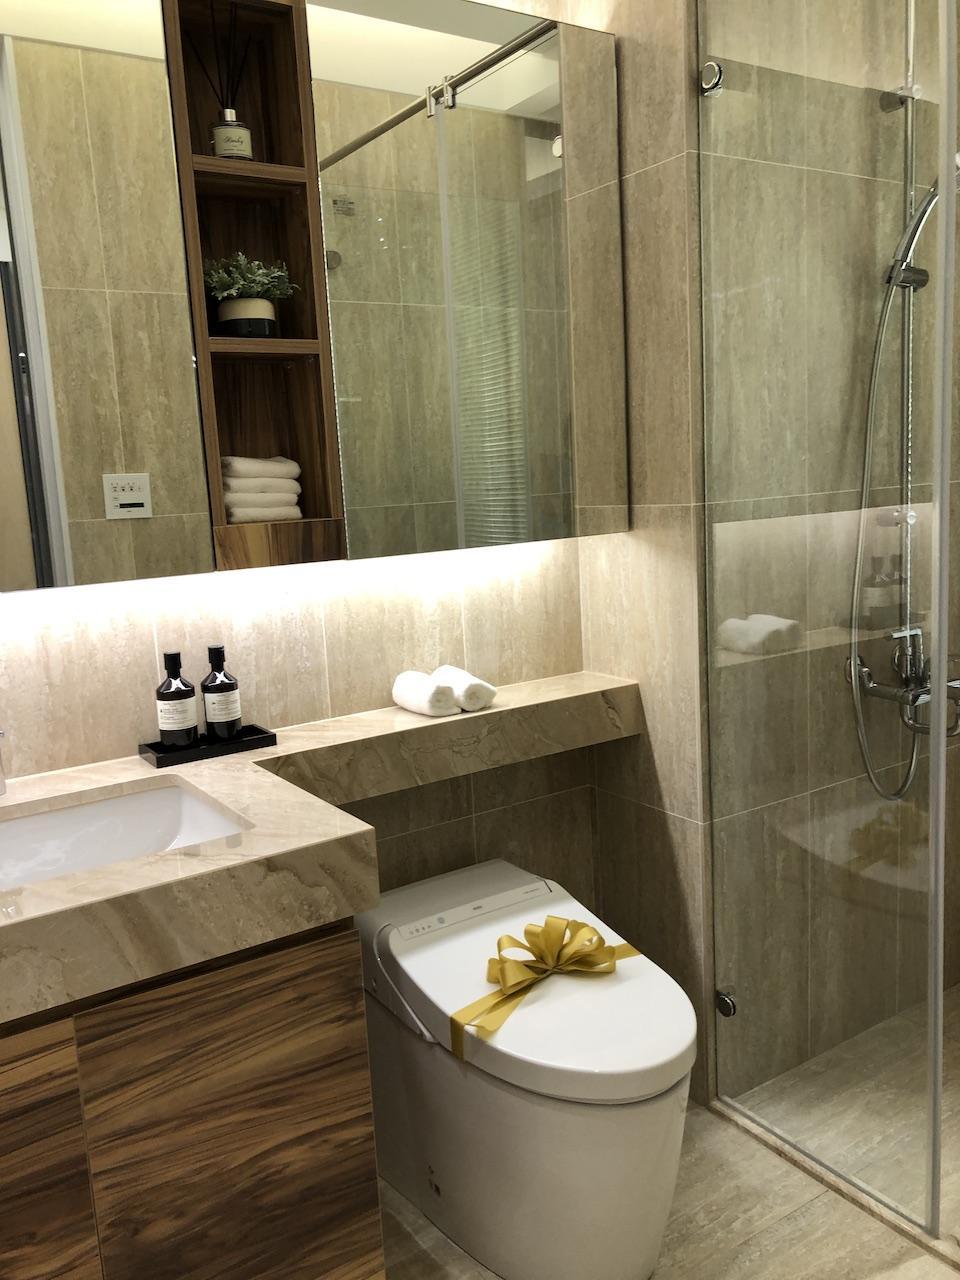 ▲衛浴必定會擺放鏡子,但要注意不要反射到馬桶,以免晦氣橫行。